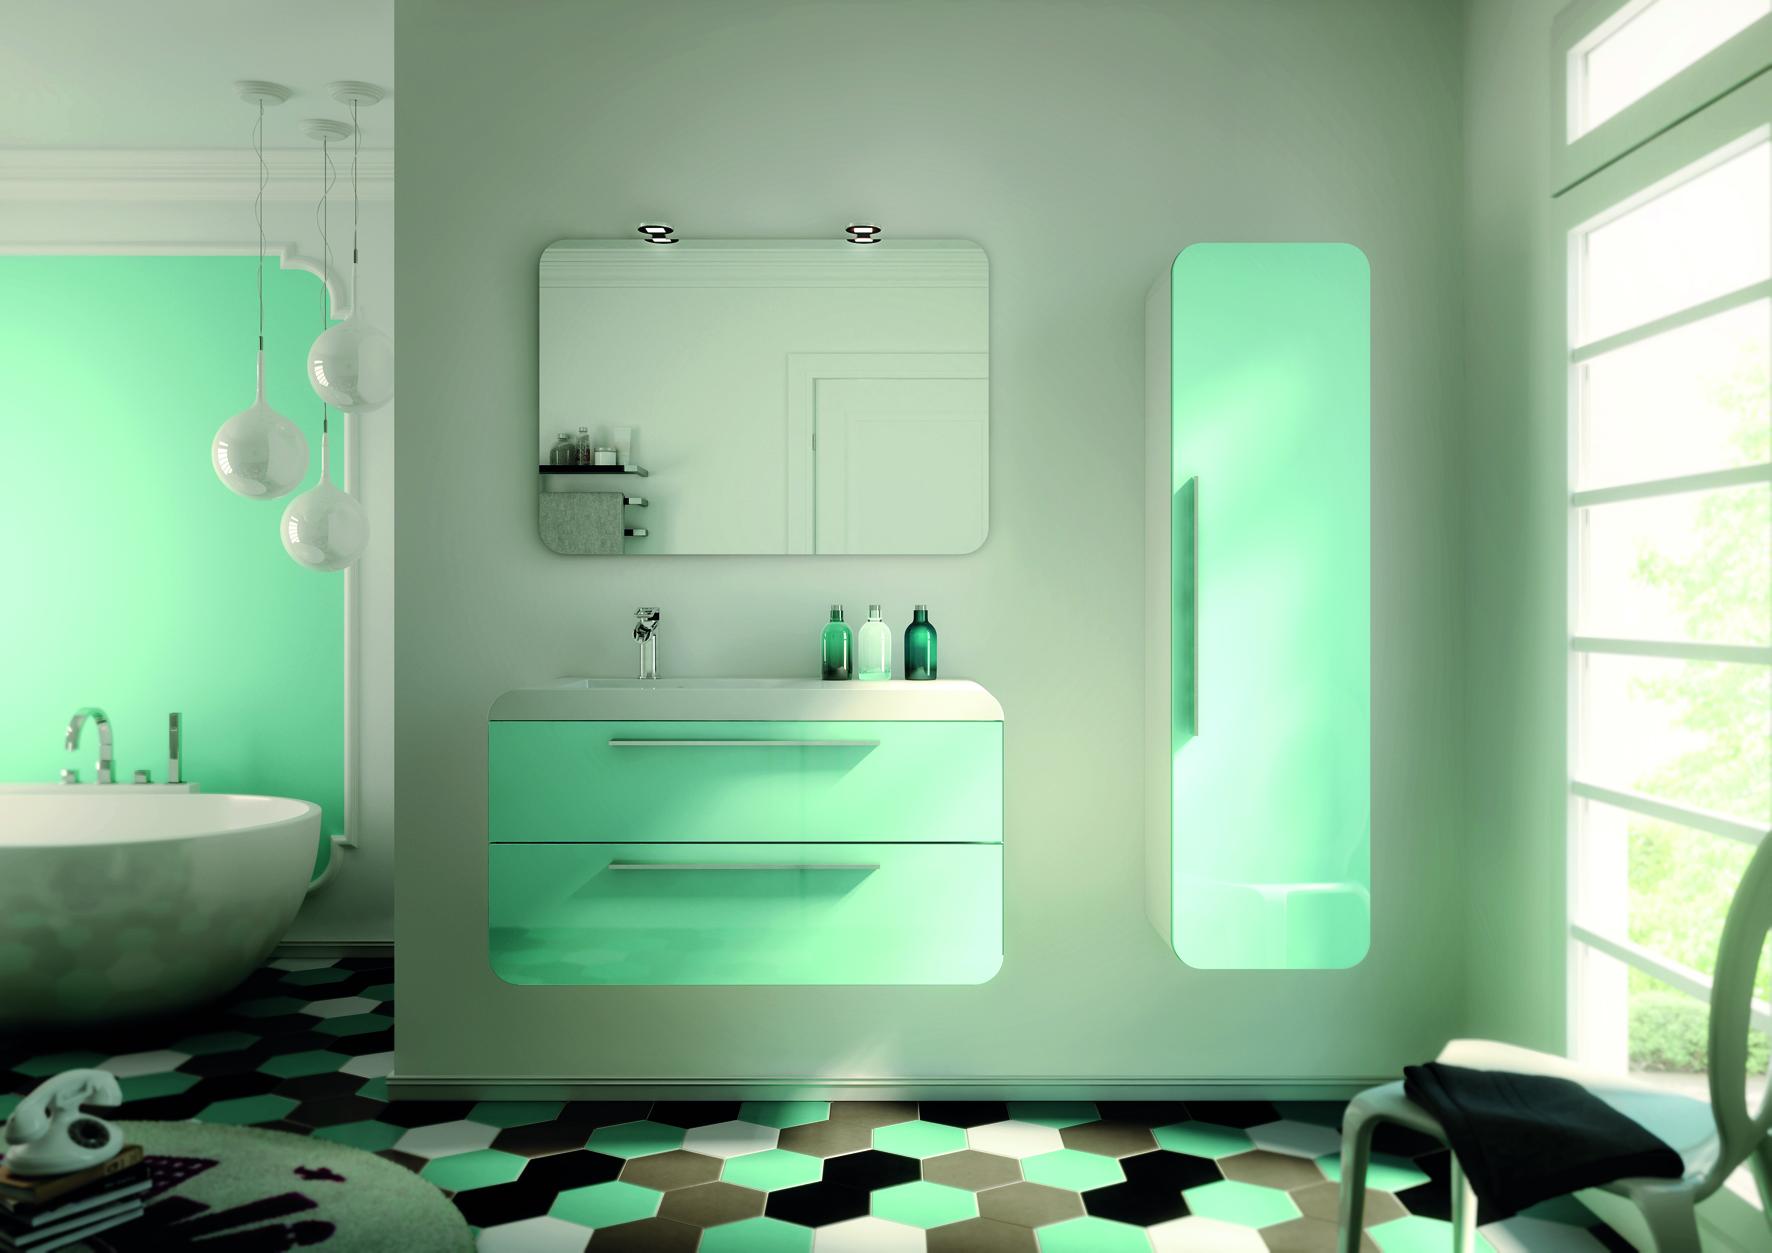 Meubles et accessoires pour les professionnels de la salle de bain ...